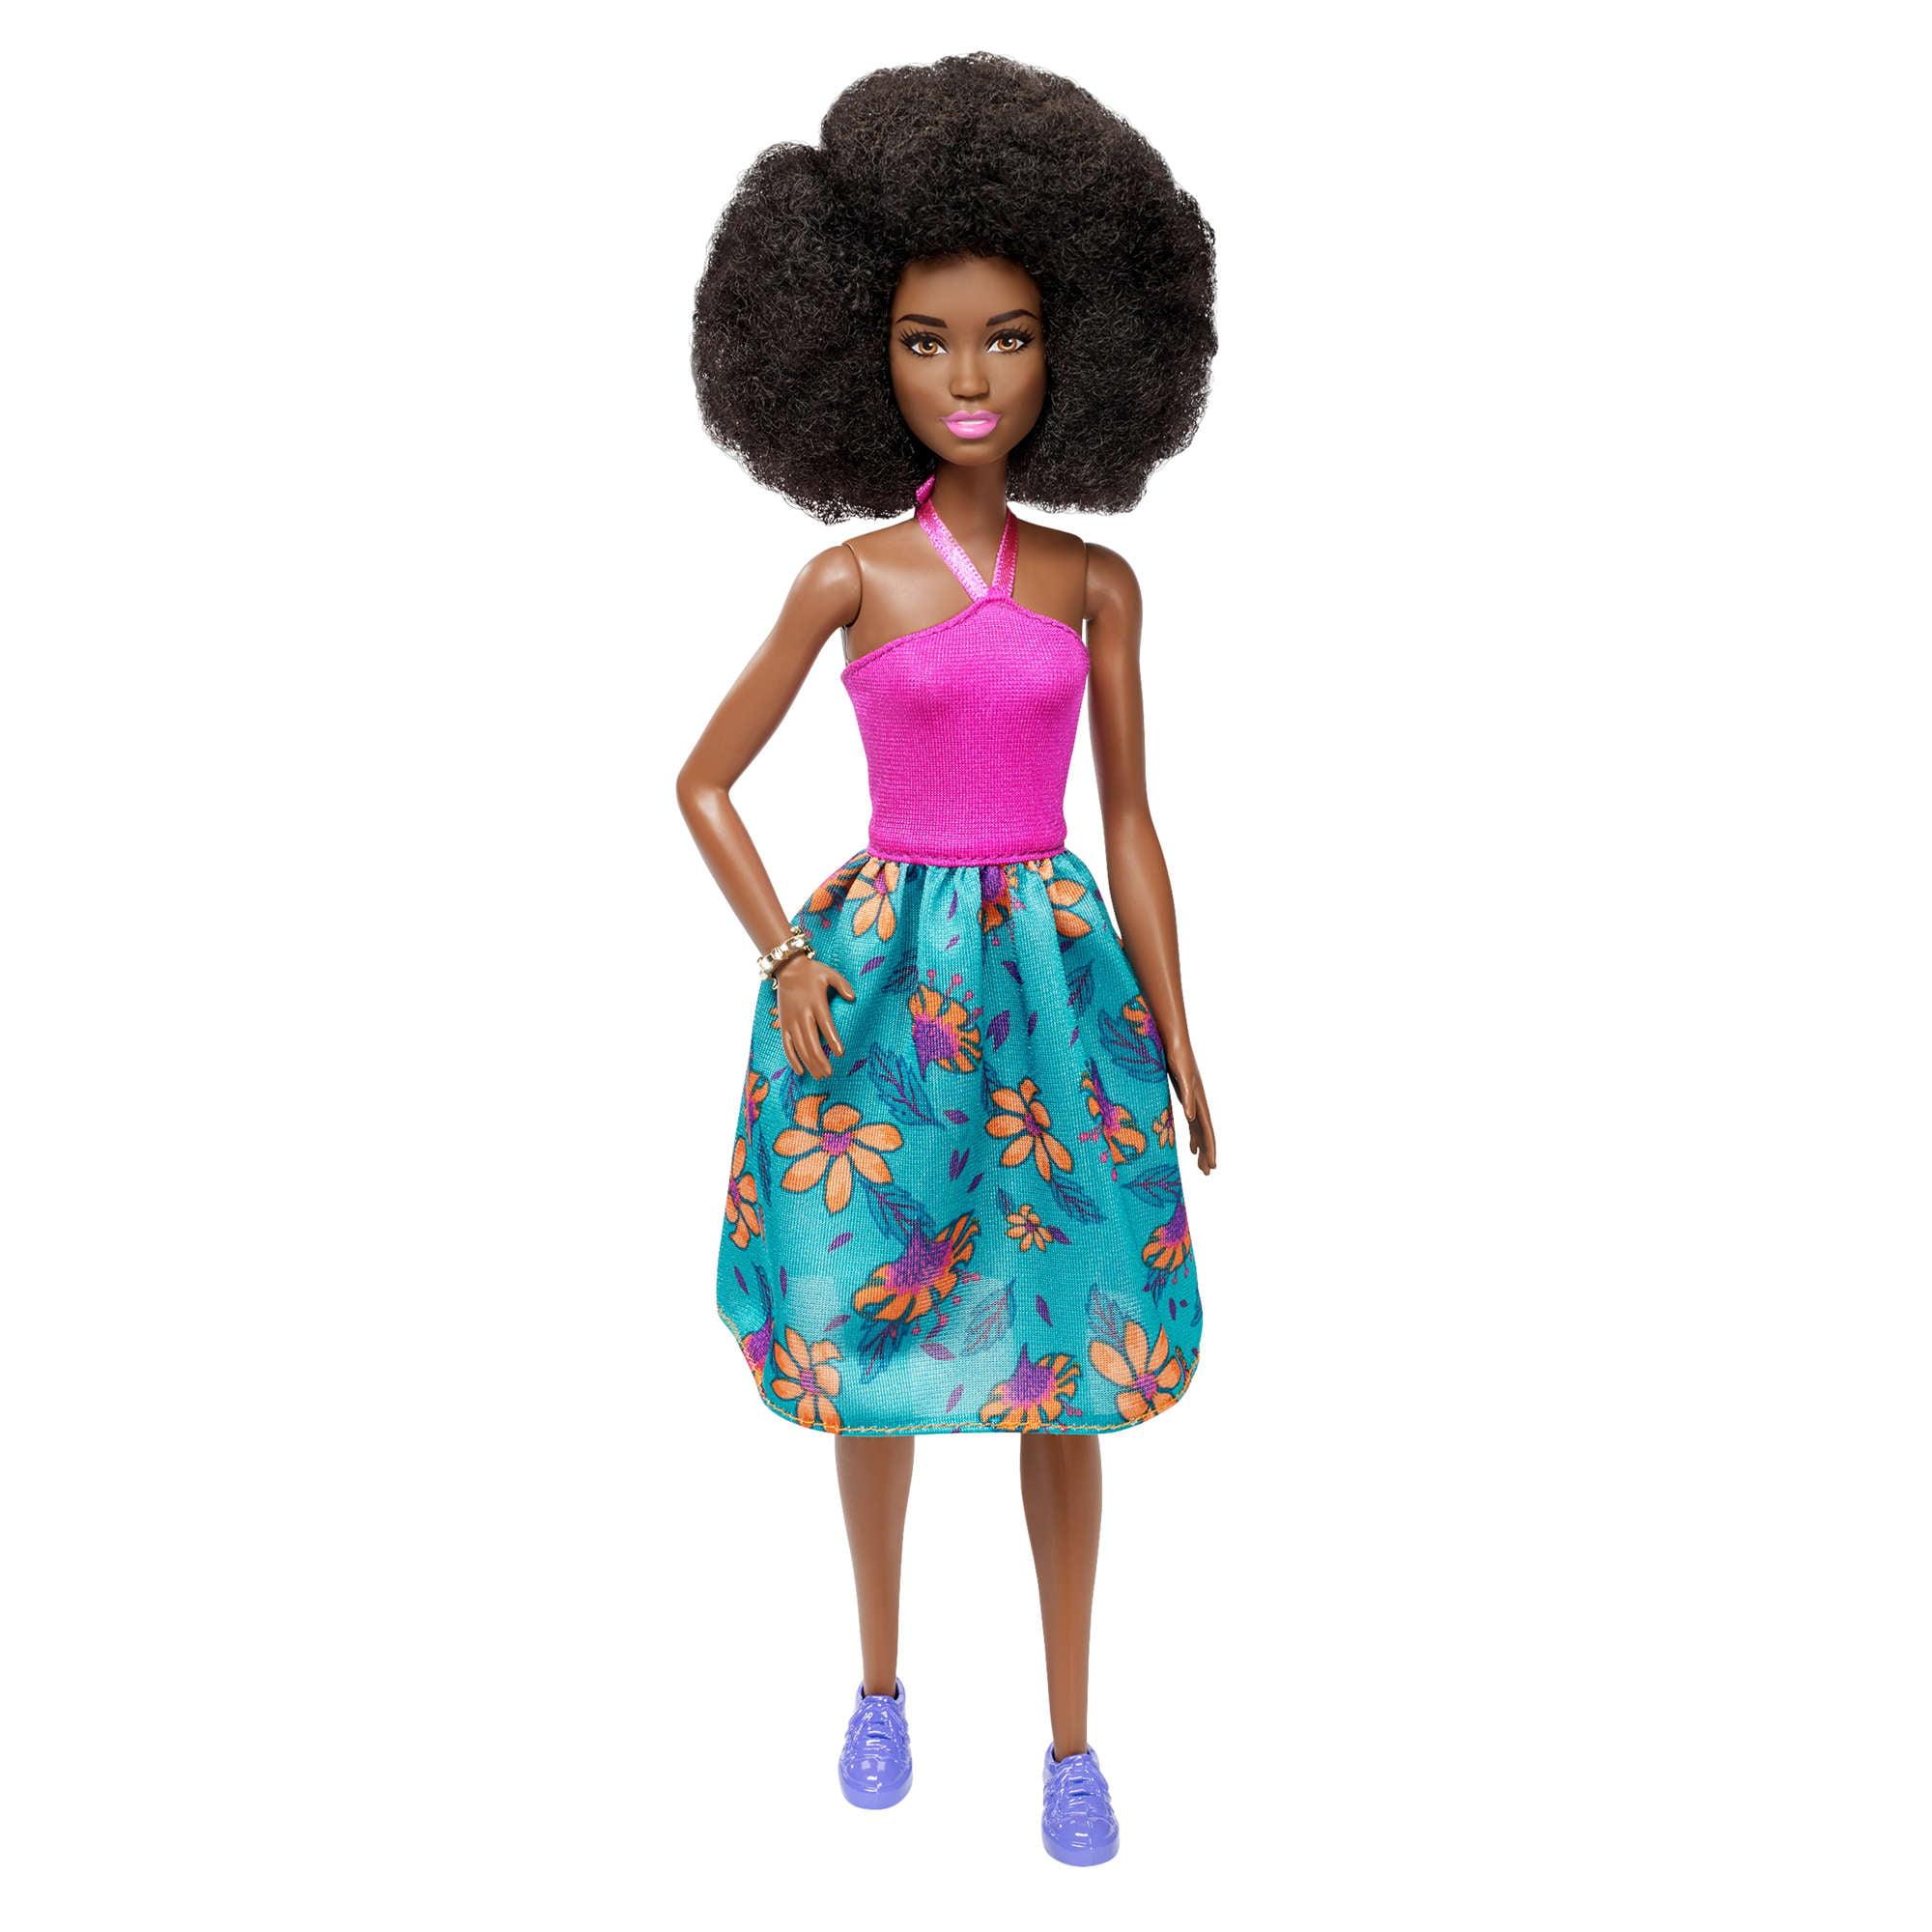 Barbie Fashionistas Tropi-Cutie, Original Body Doll